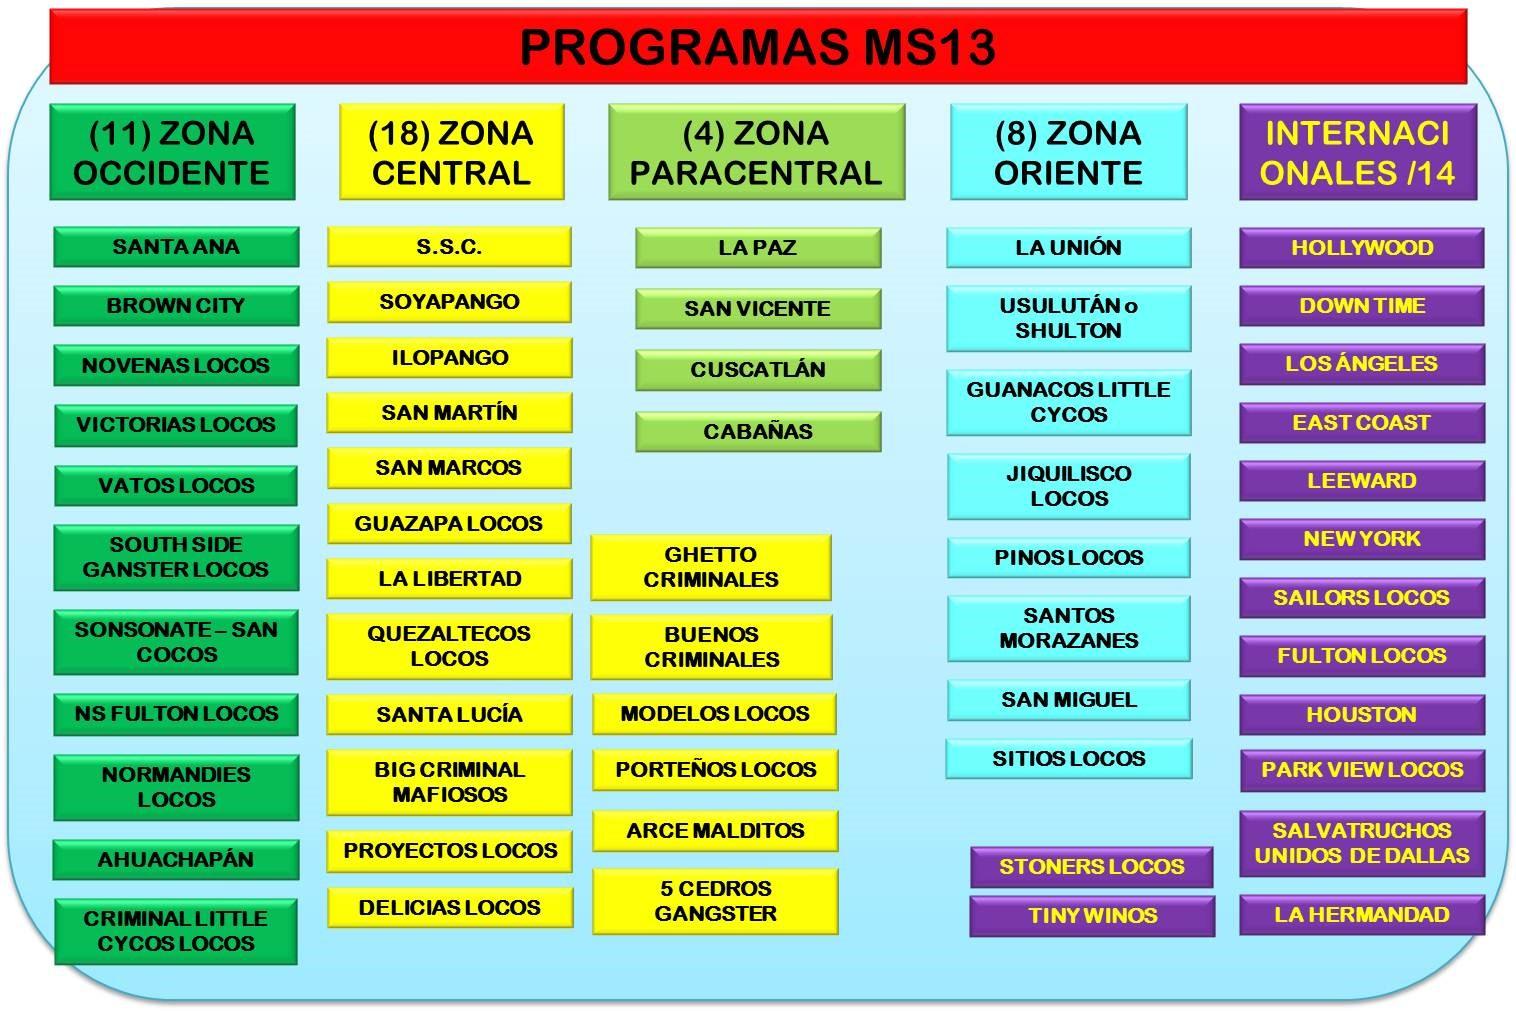 17-09-29-ElSalvador-Programs